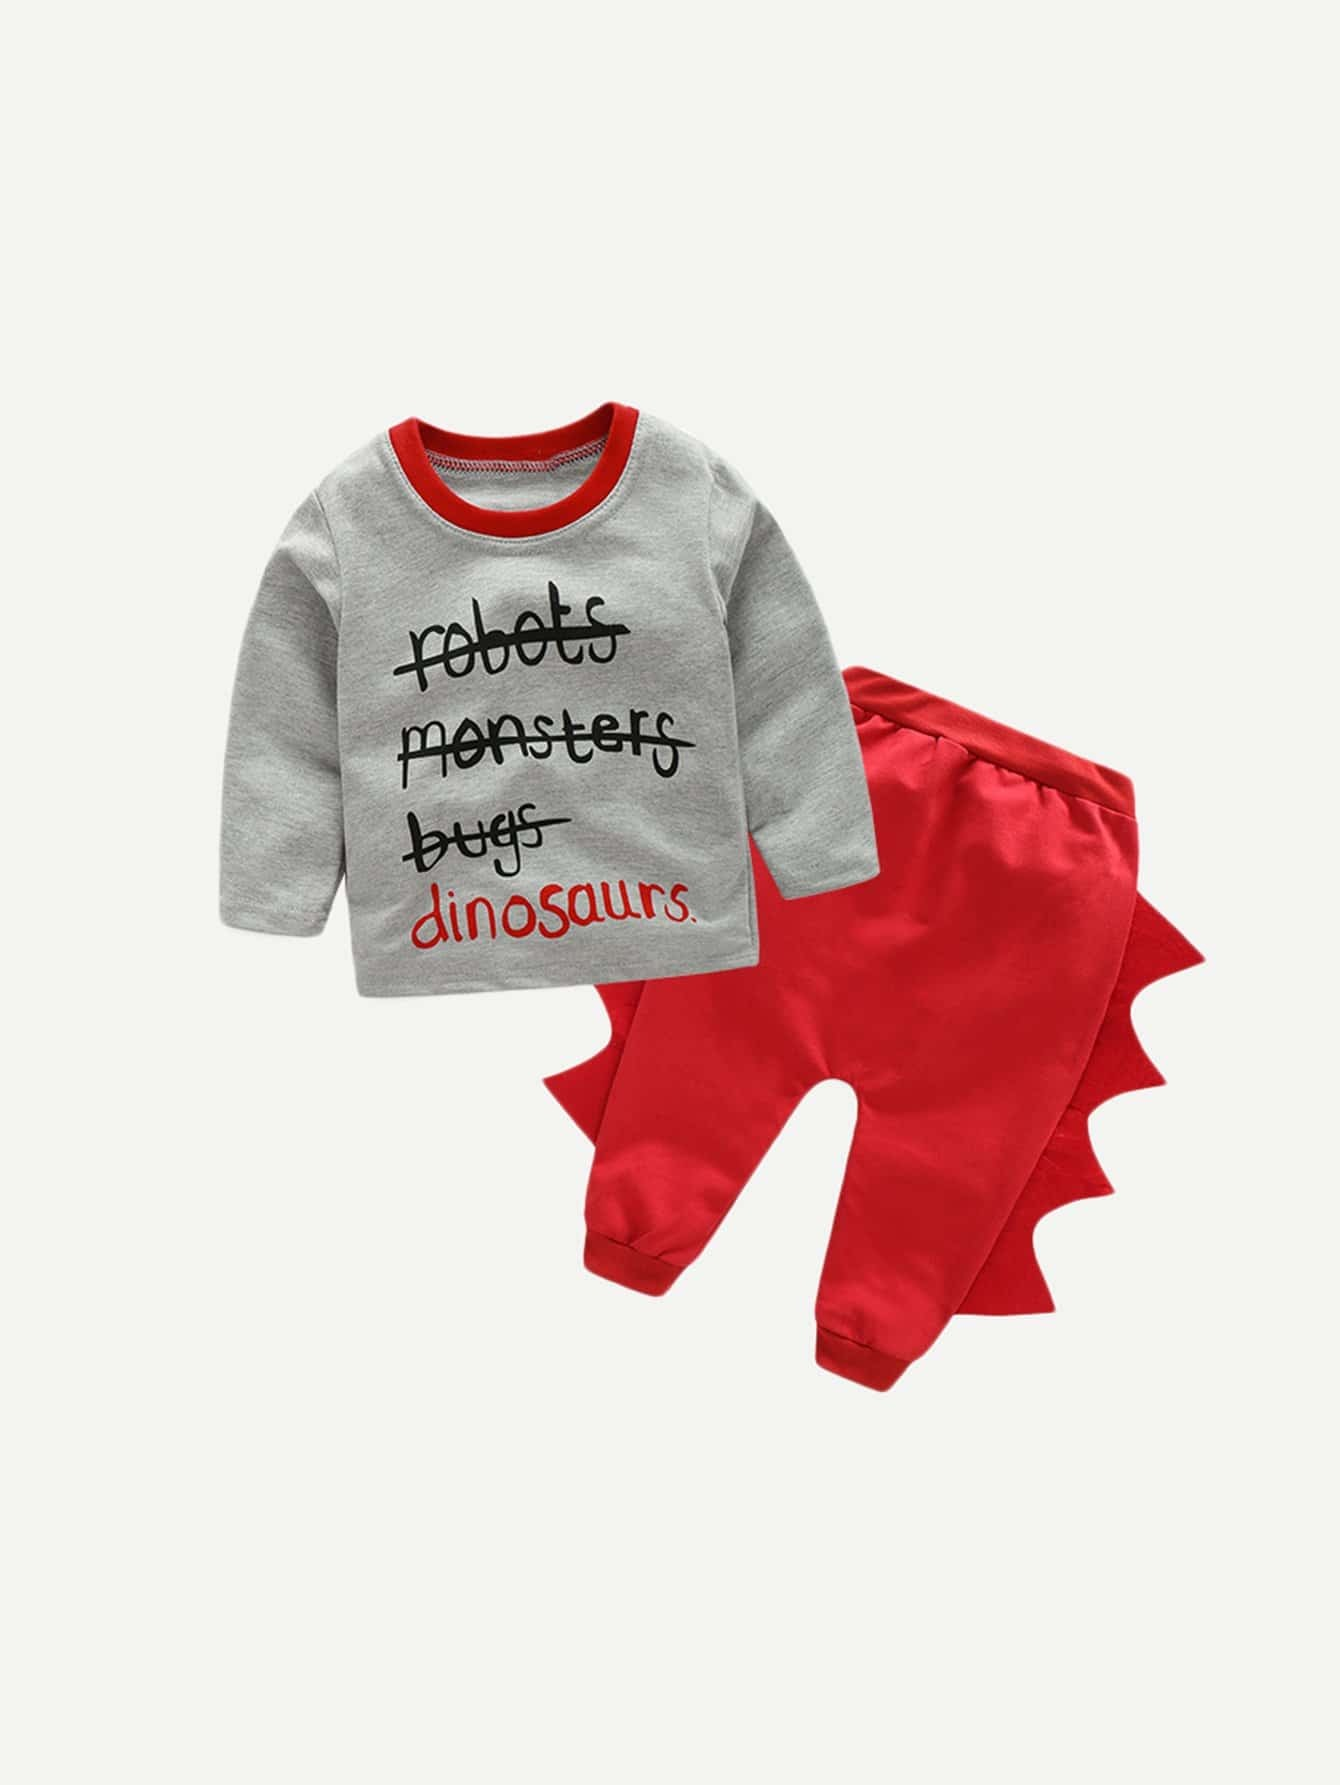 Купить Блуза с принтом текстовым и брюки с принтом динозавра для маленьких мальчиков, null, SheIn